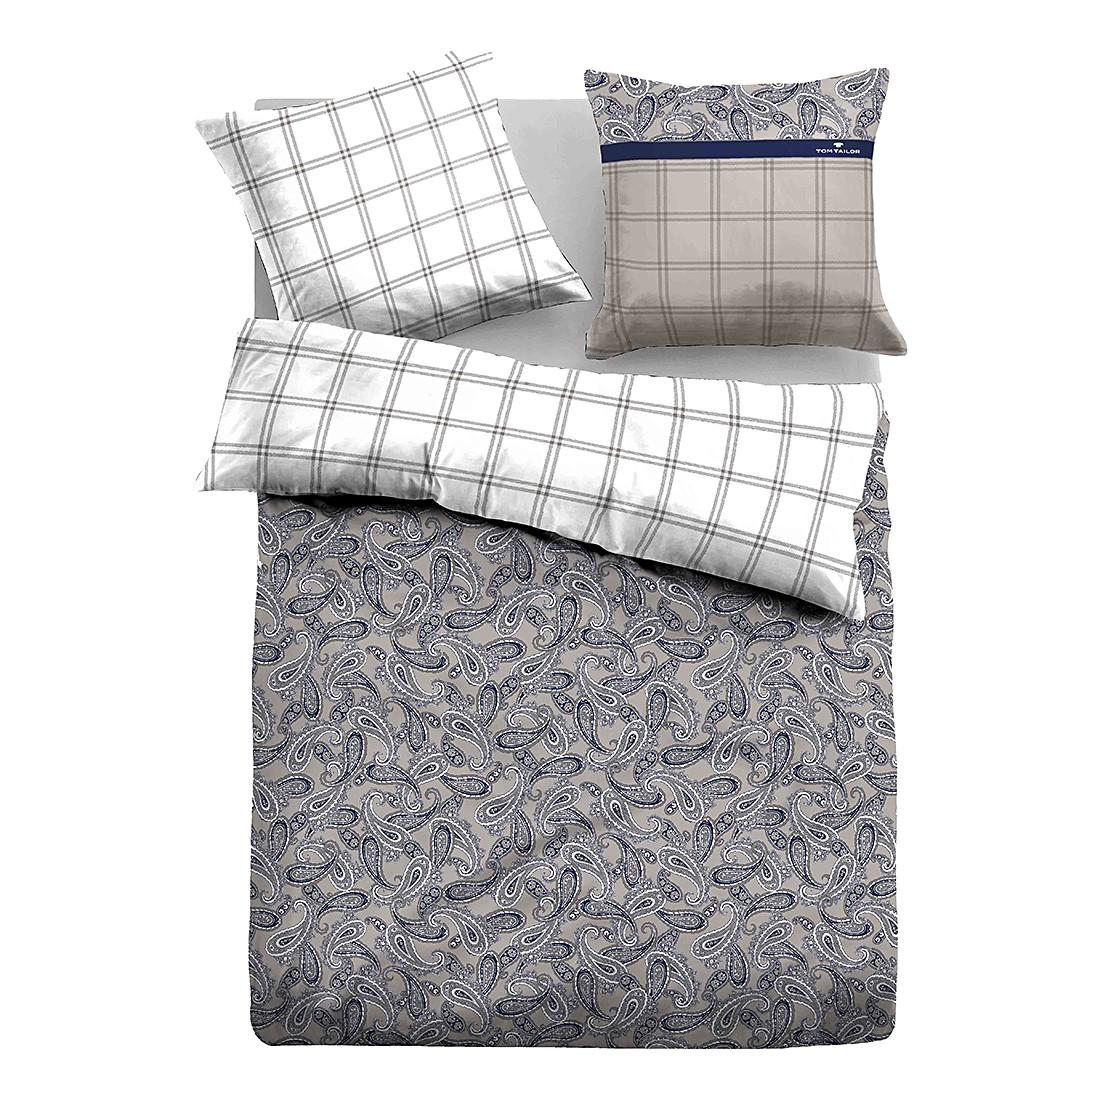 Satin Bettwäsche Paisley – Grau – 135 x 200 cm + Kissen 80 x 80 cm, Tom Tailor günstig online kaufen